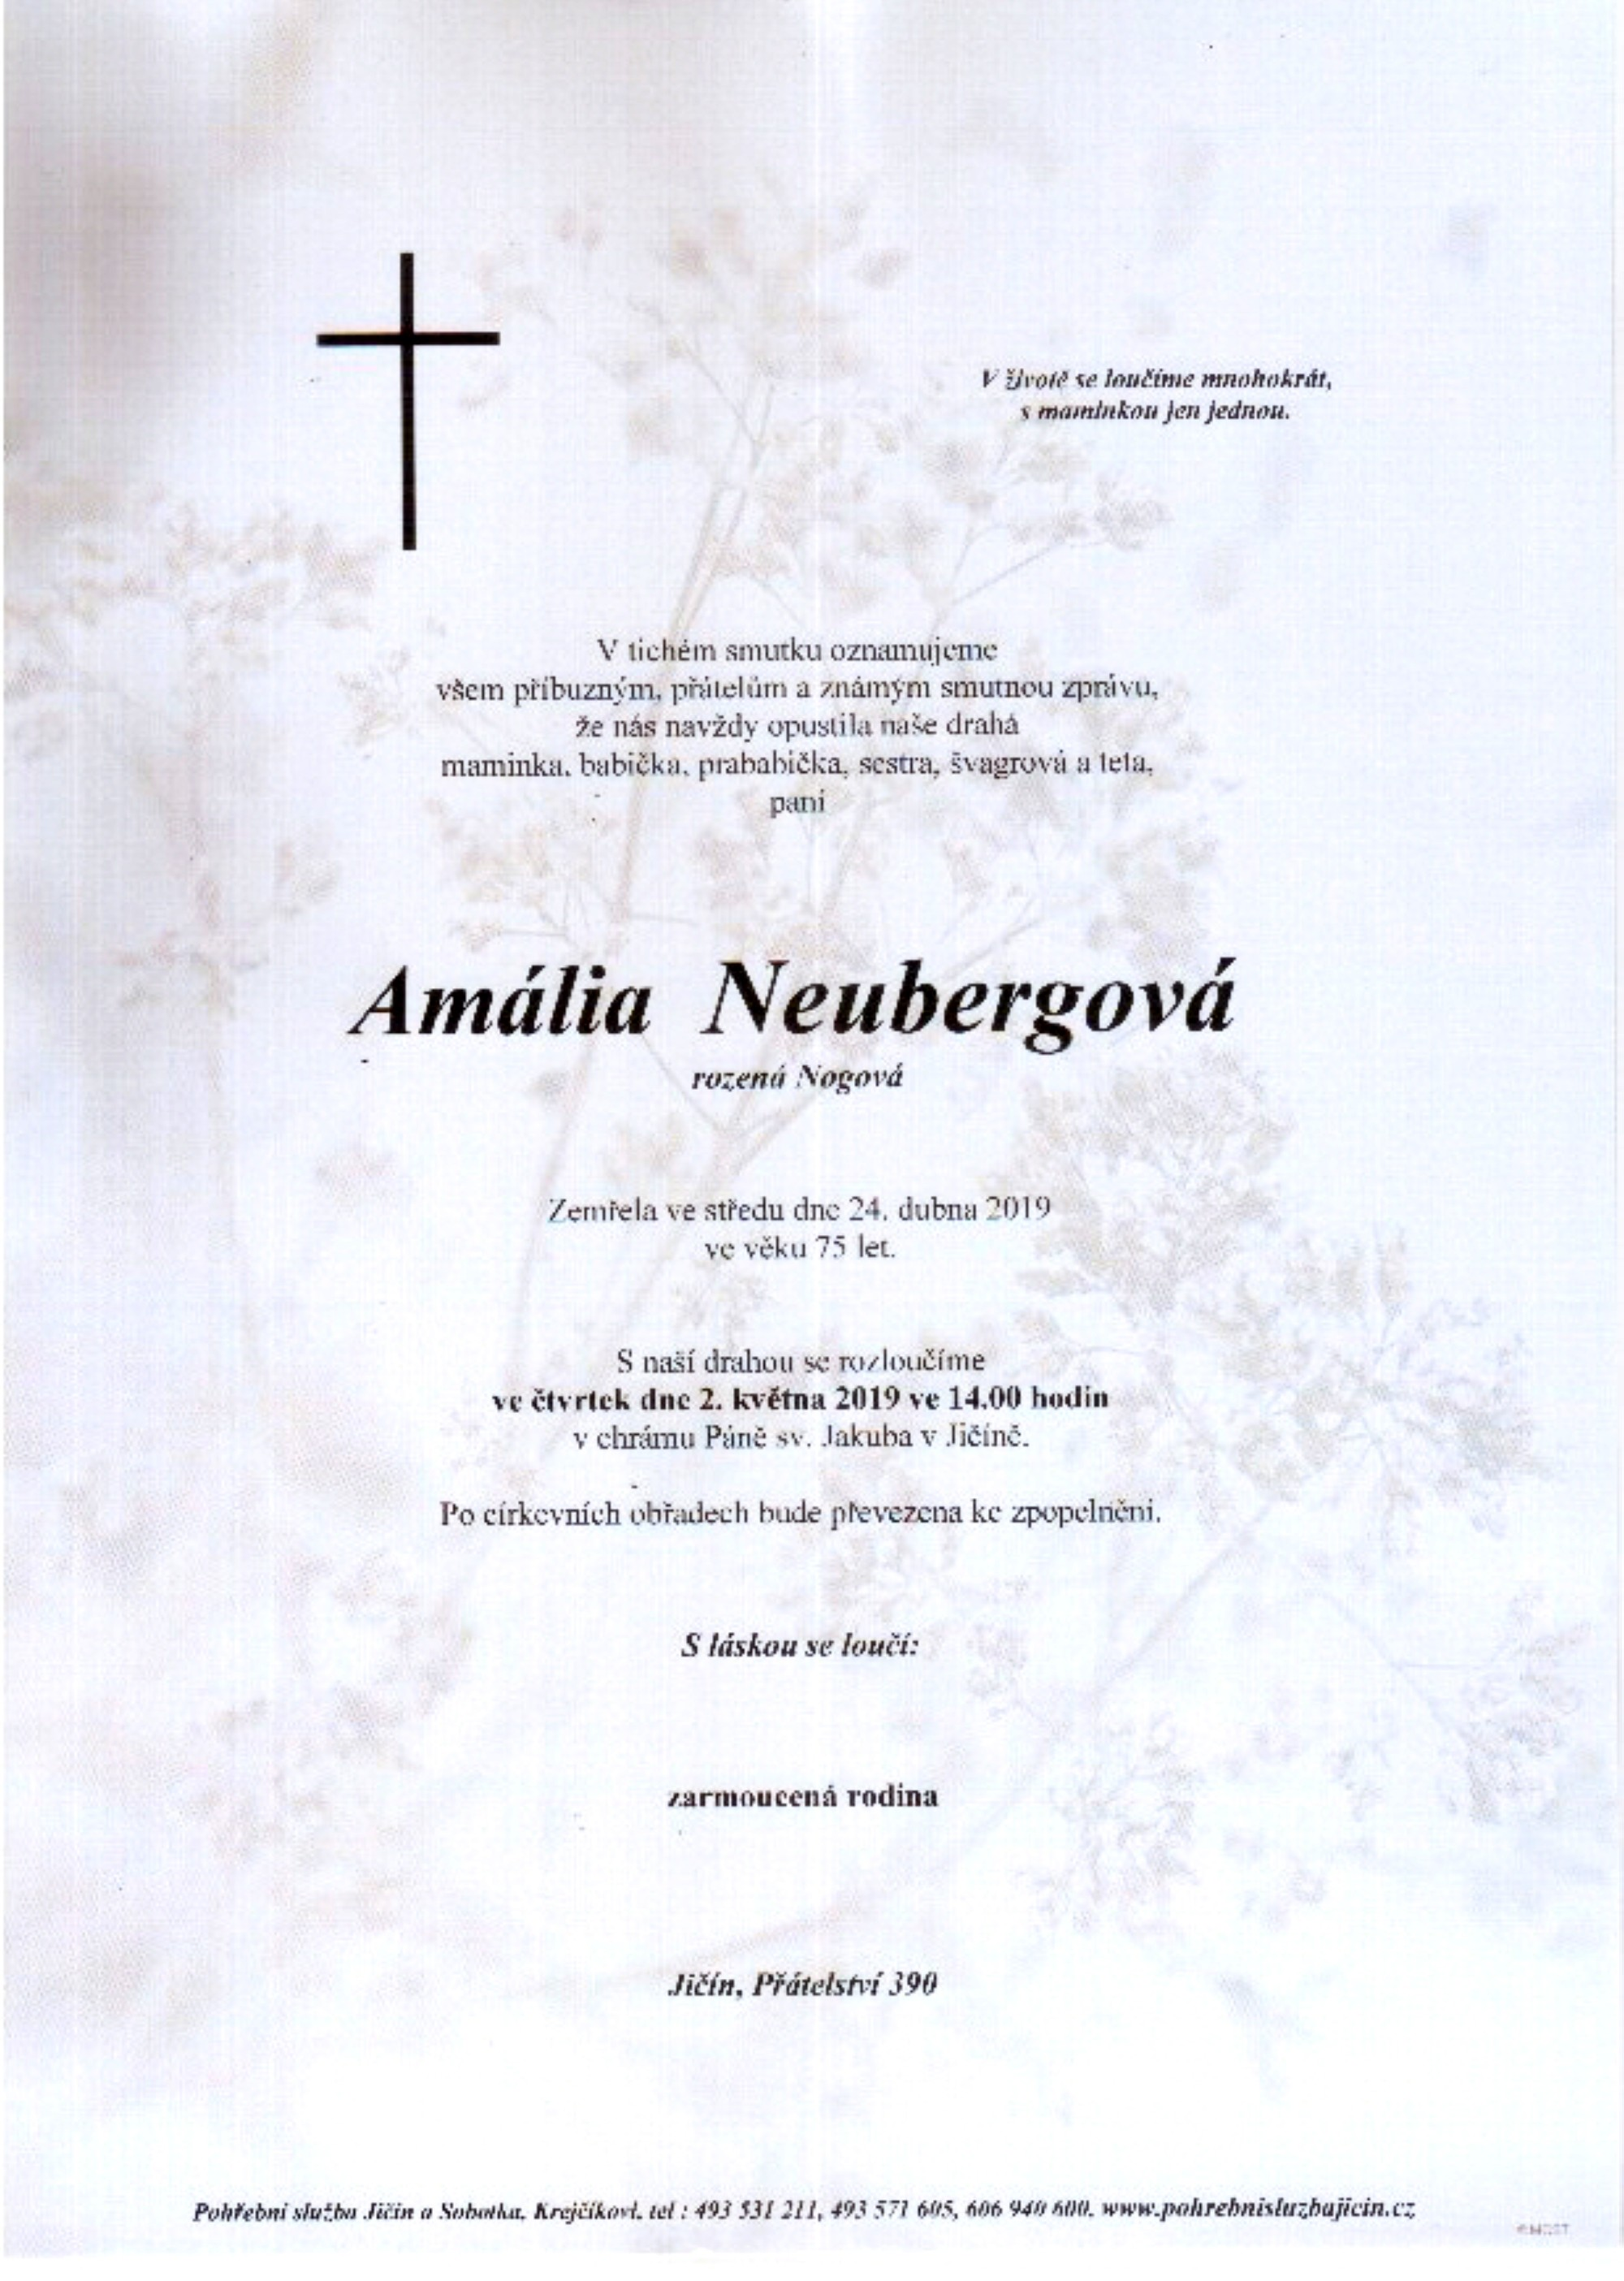 Amália Neubergová